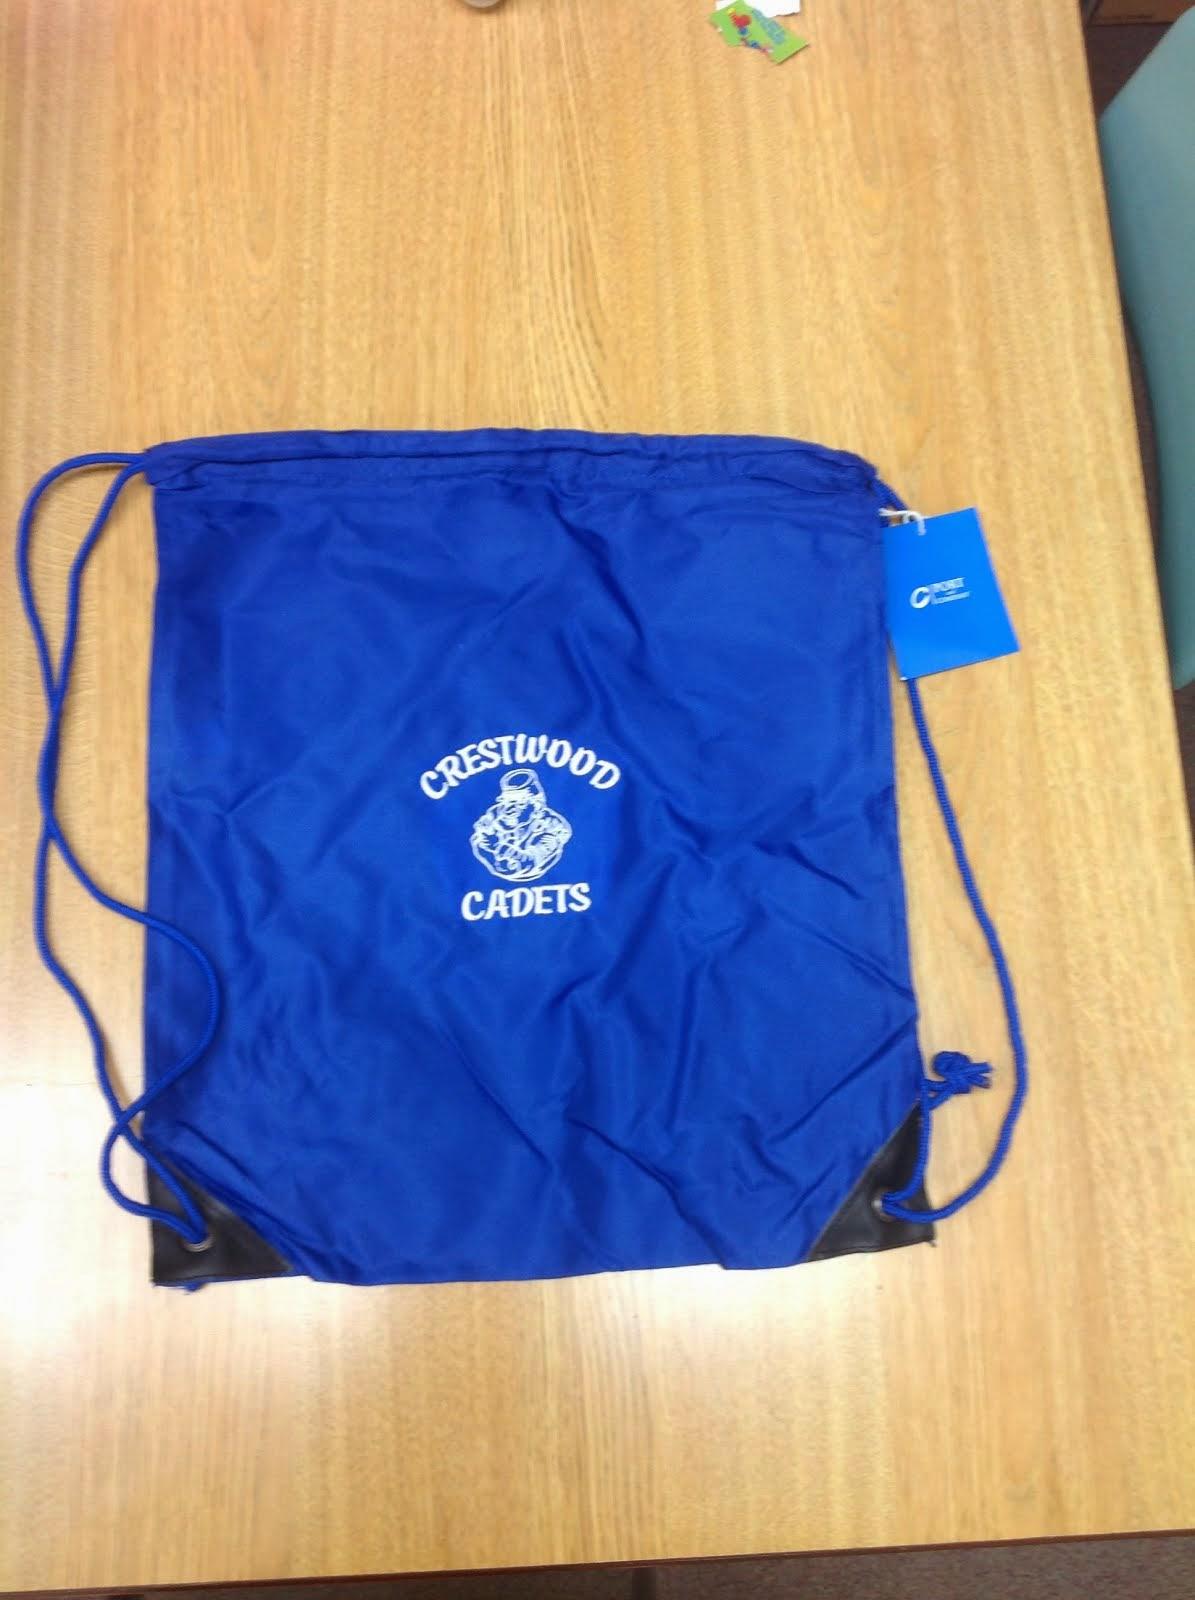 Cadet Pride Bag